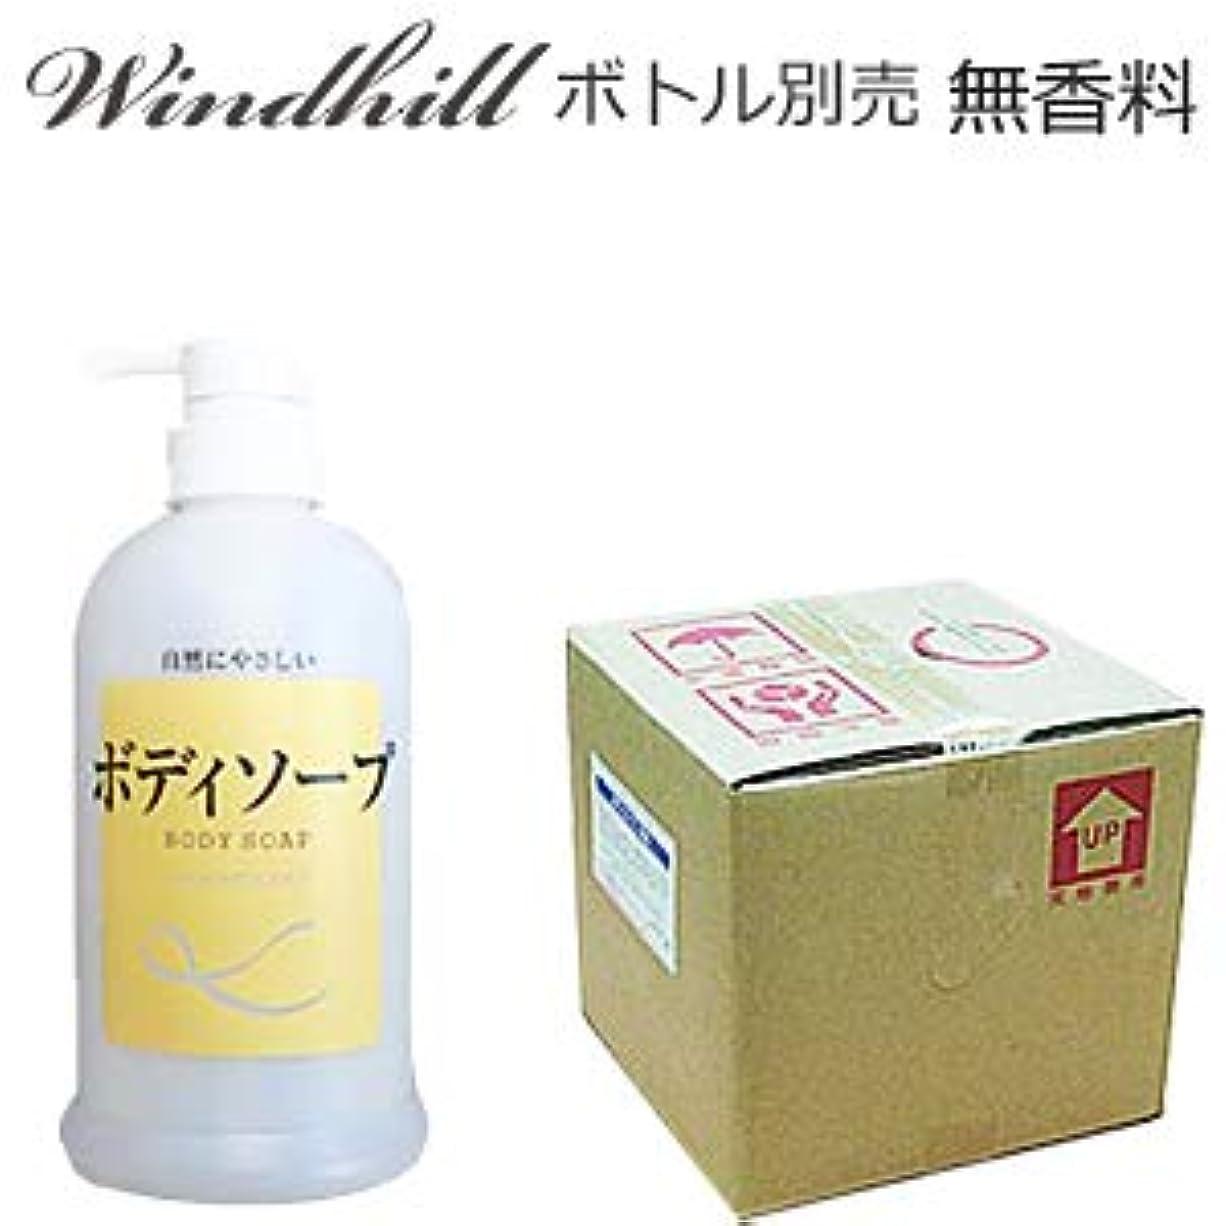 お浴Windhill 植物性 業務用ボディソープ 無香料 20L(1セット20L入)